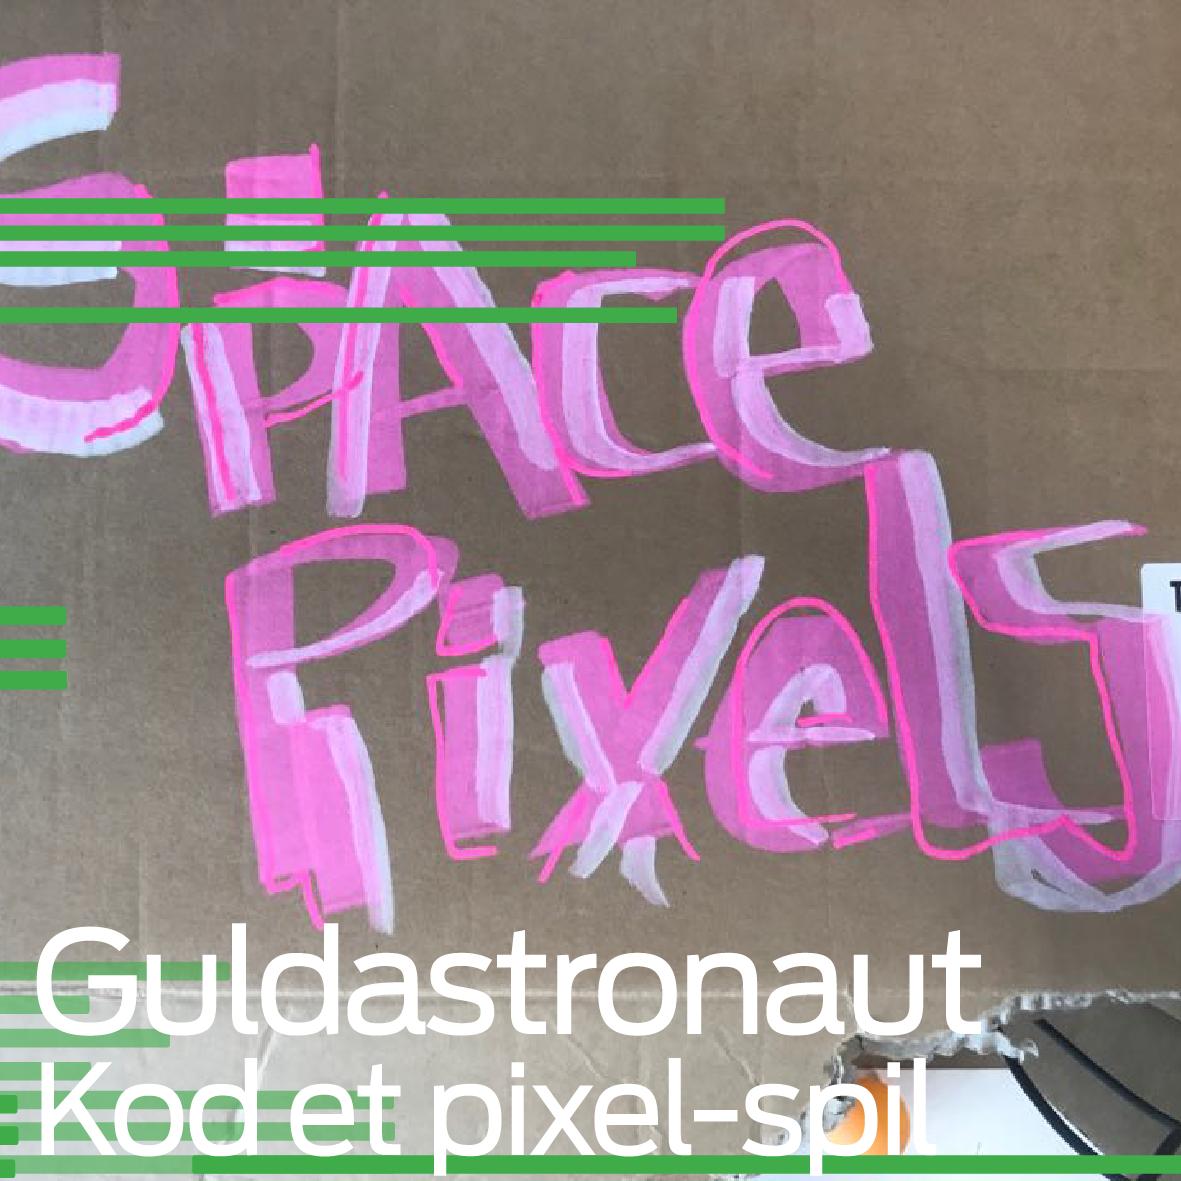 Guldastronaut: Space Pixel